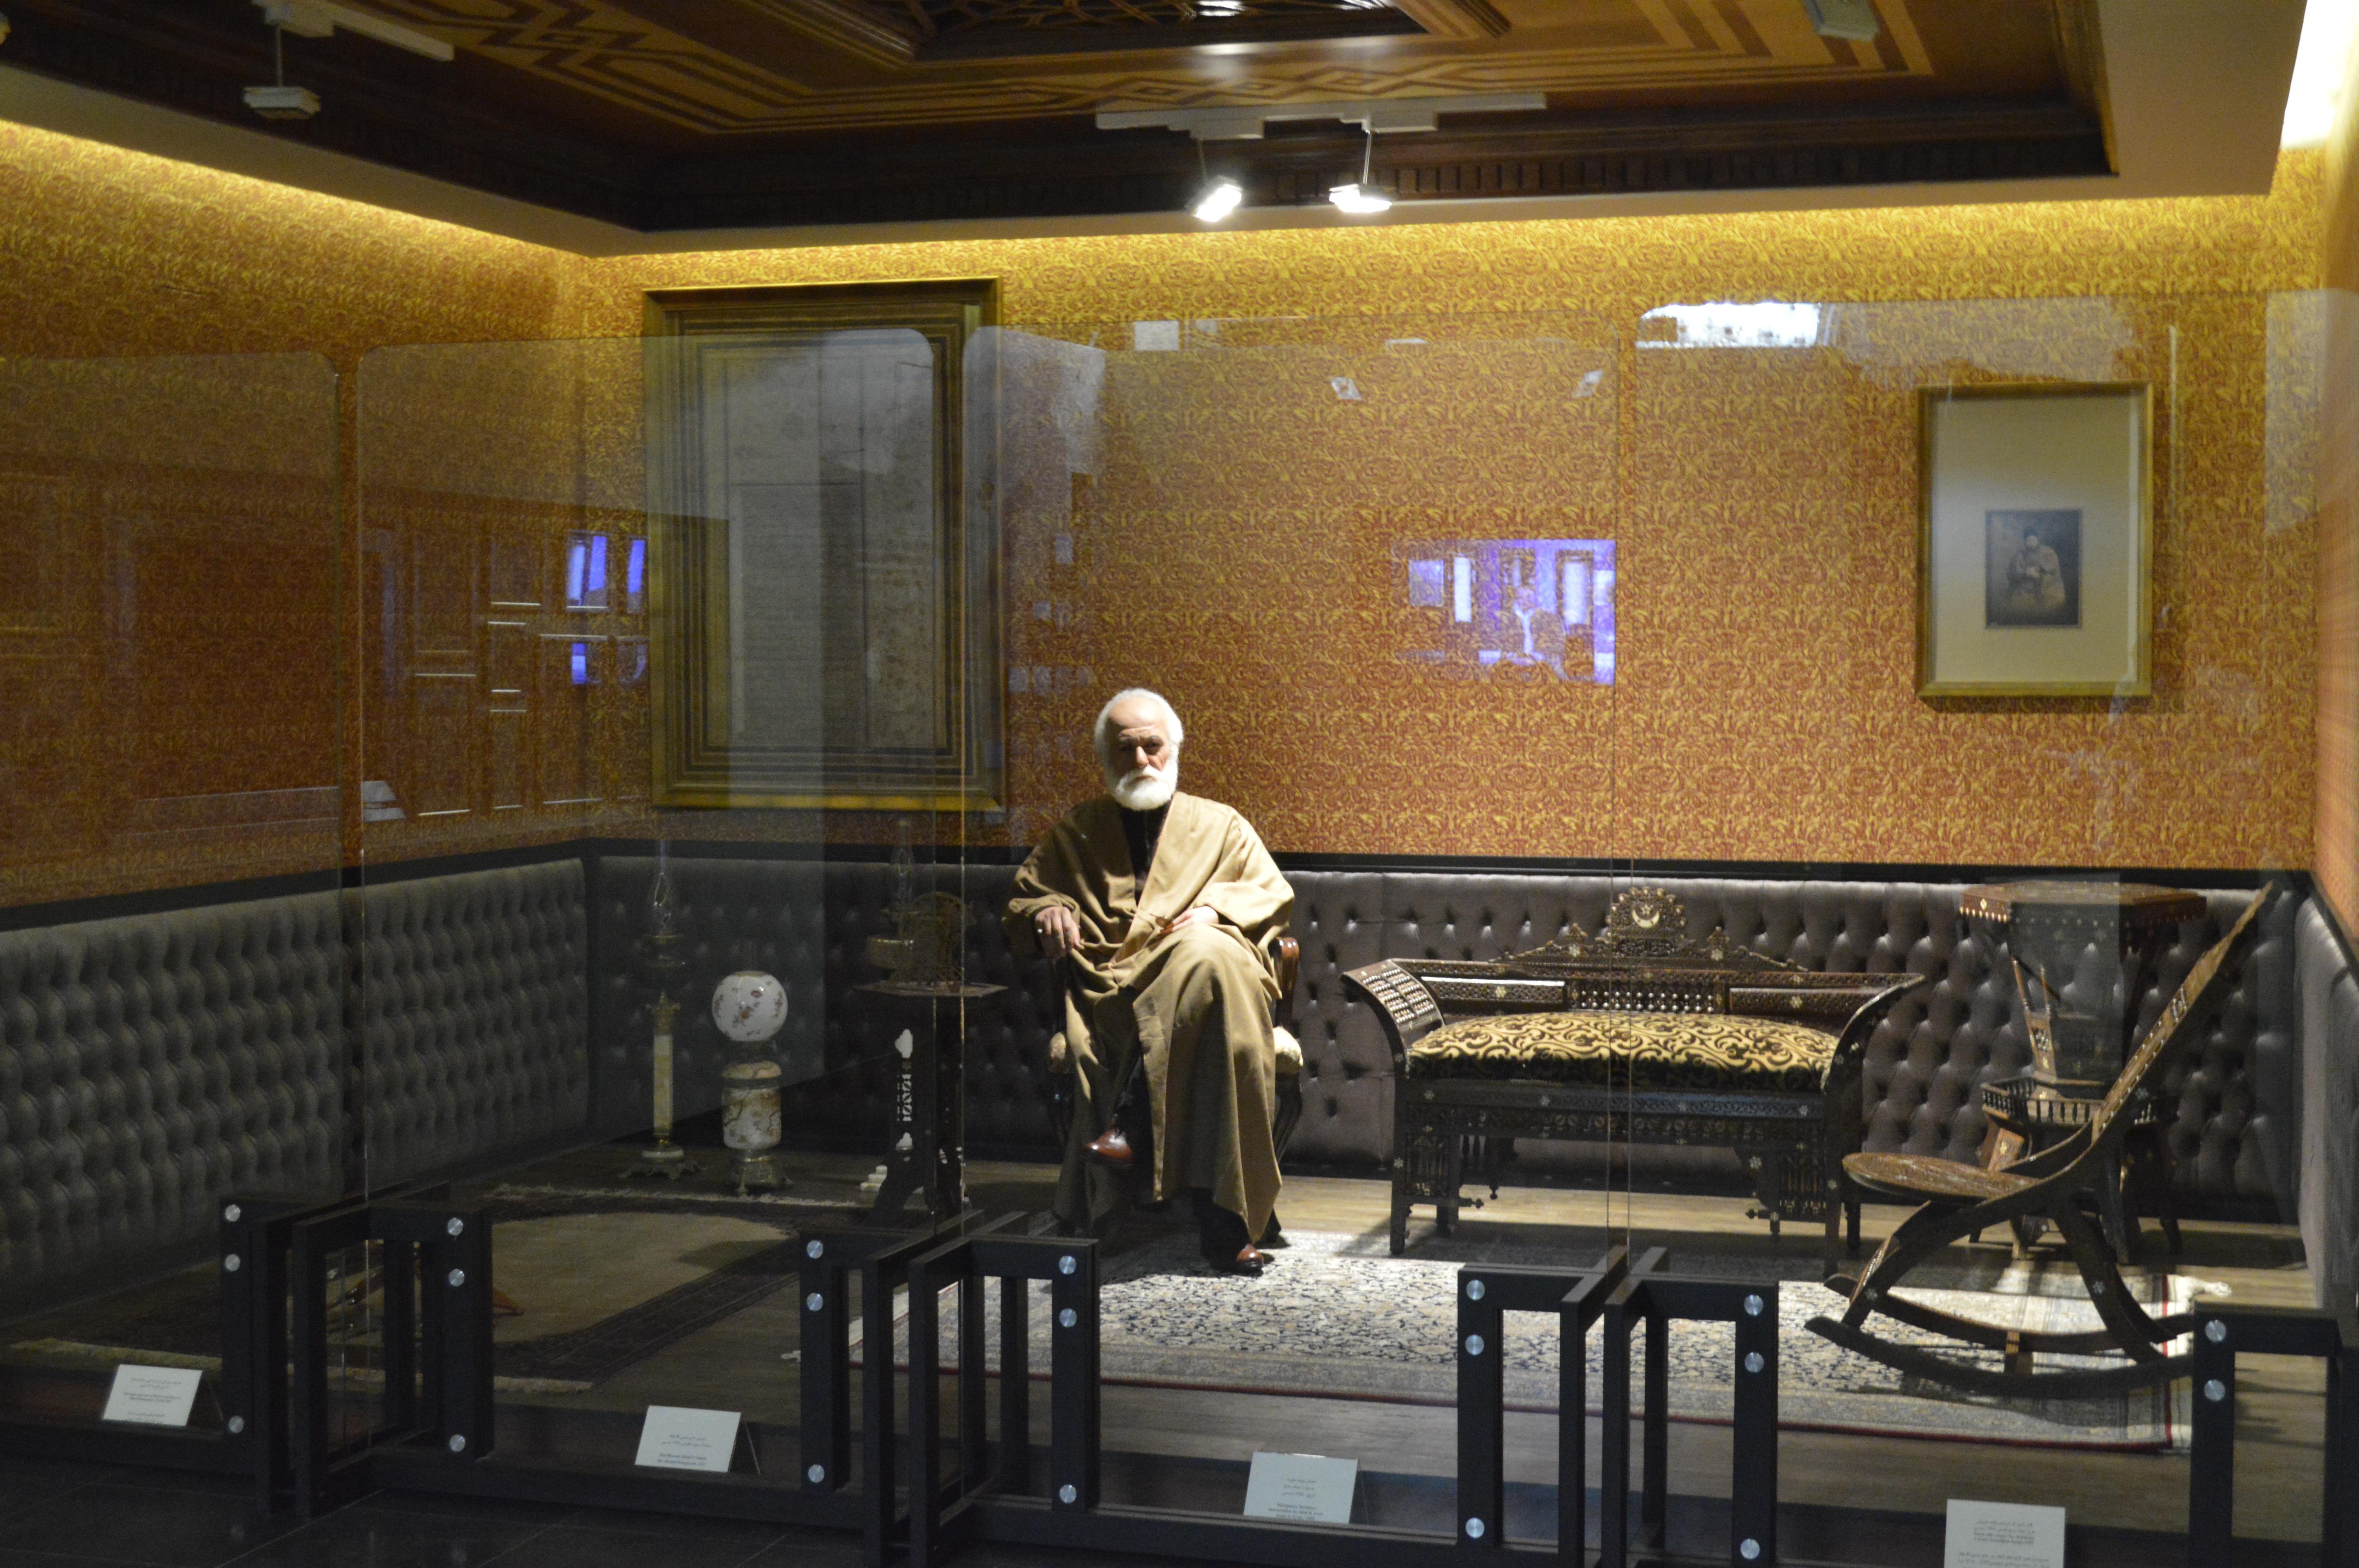 نمایشگاه دائمی حاج حسین آقا ملک (اتاق مخمل، بازسازی شده بر اساس اتاق شخصی حاج حسین آقا ملک)